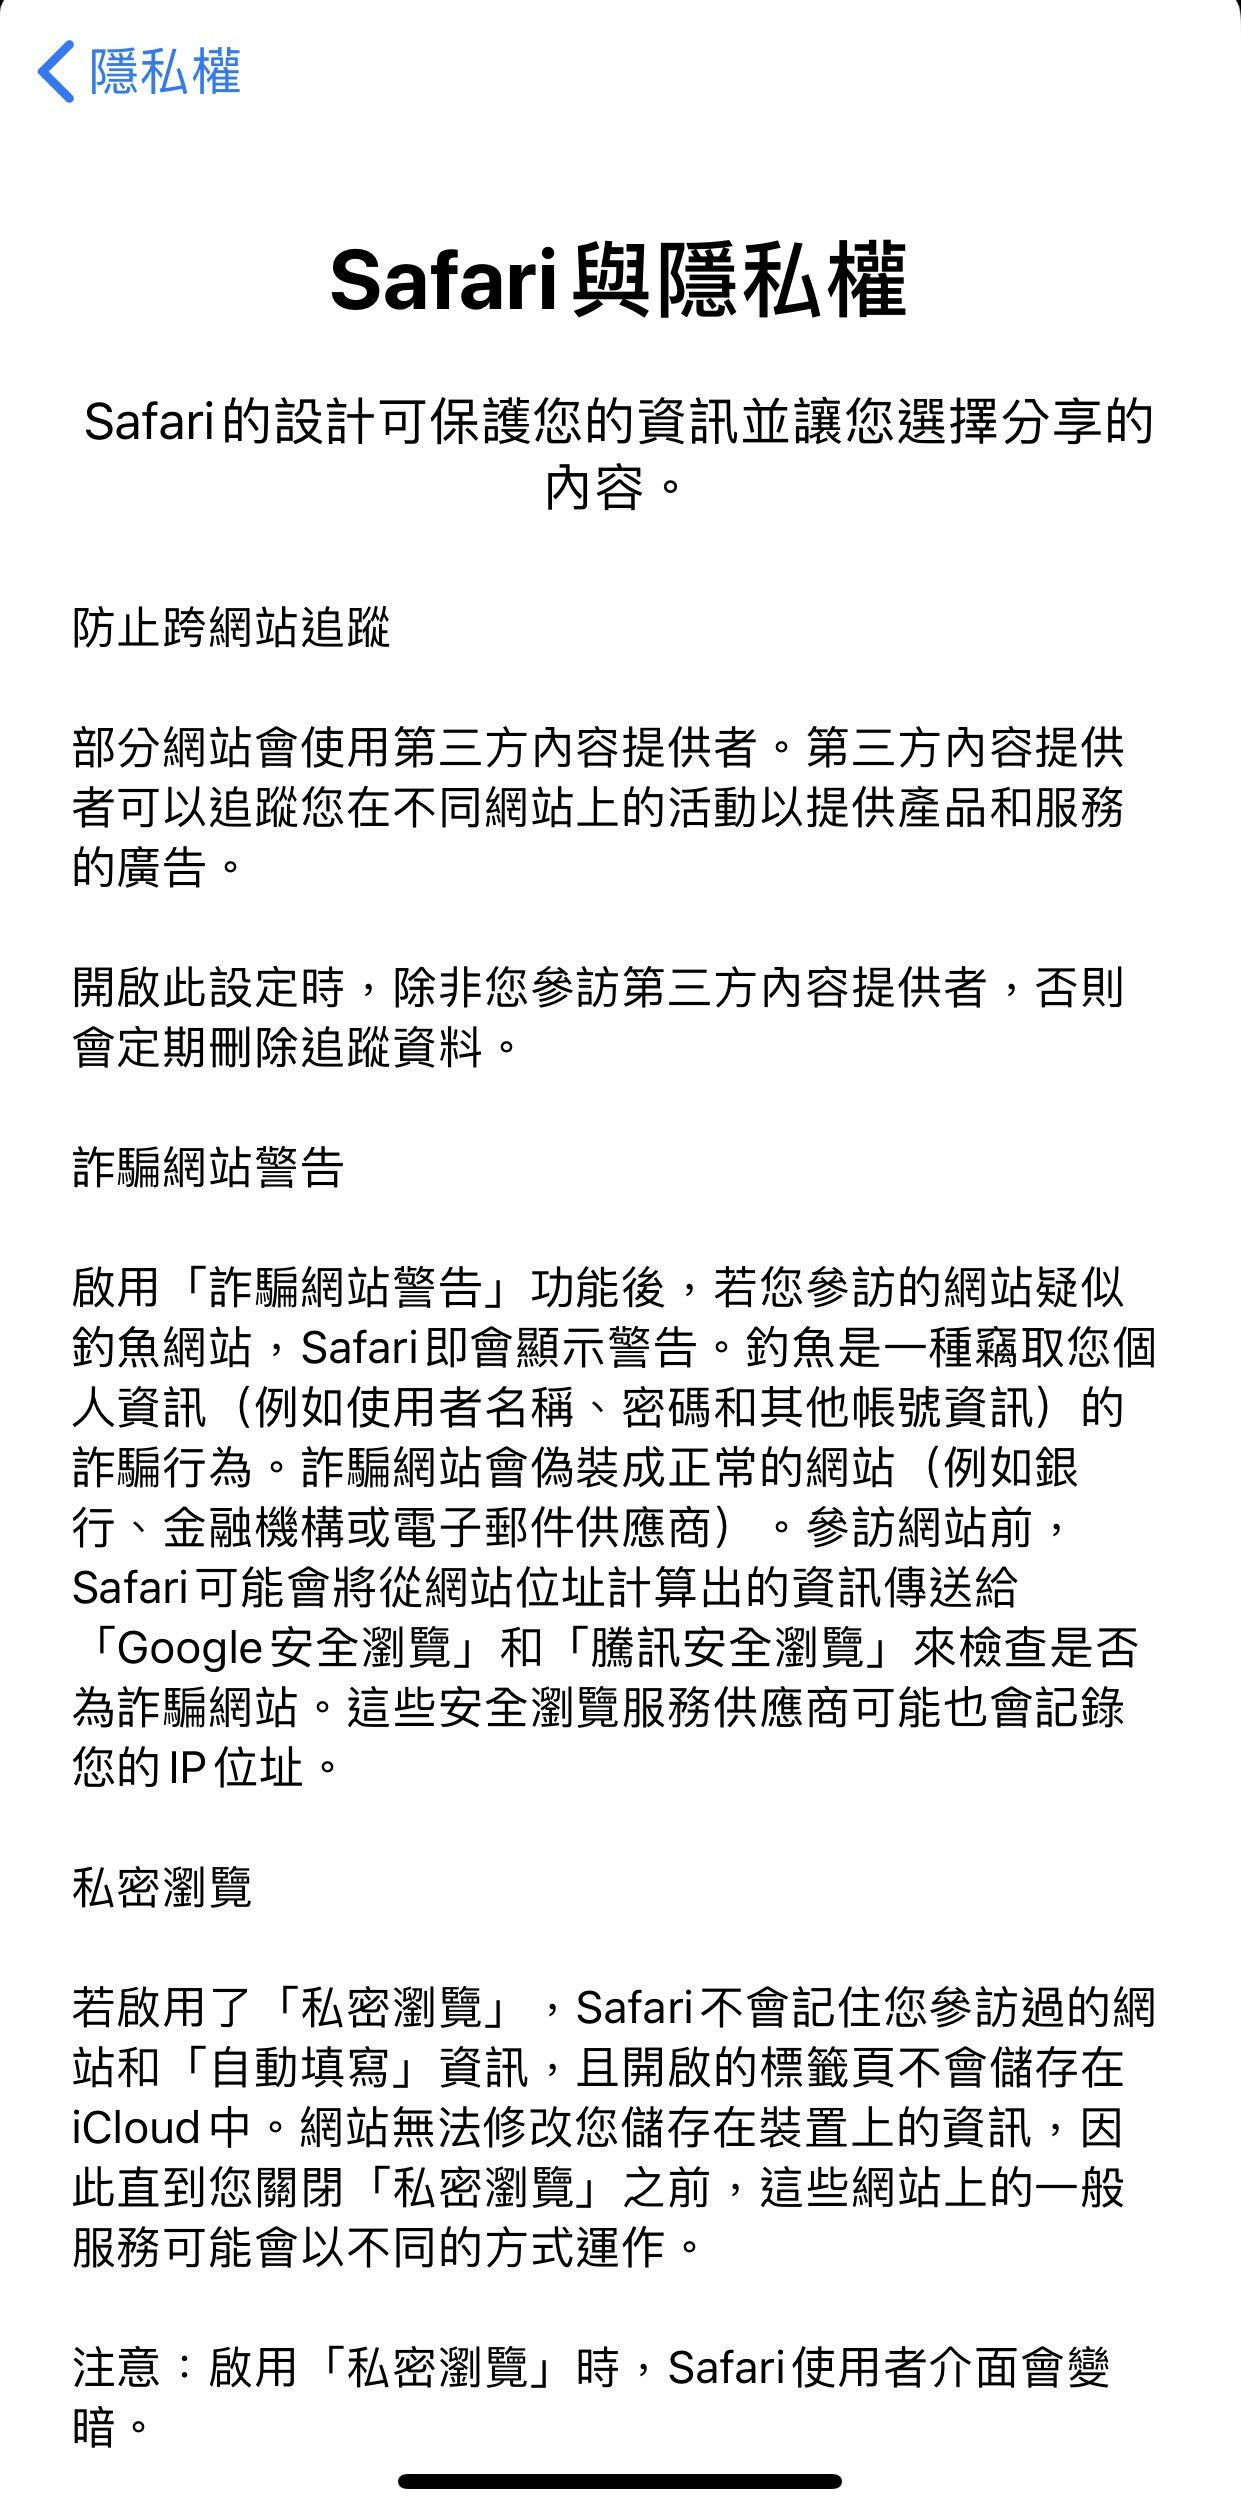 用戶在設定中可以查閱關於Safari與隱私權的說明。記者黃筱晴/攝影